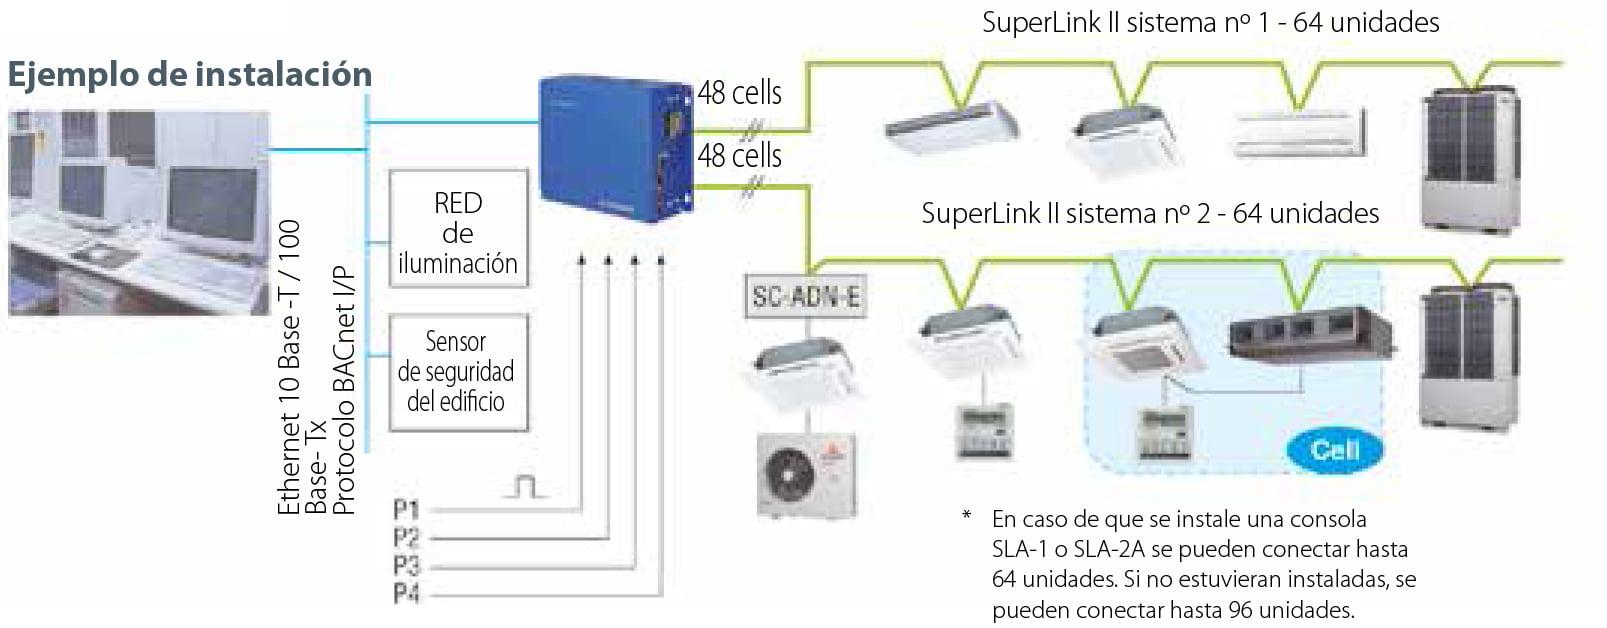 mhi Sistemas de gestión BMS ejemplo de instalacion